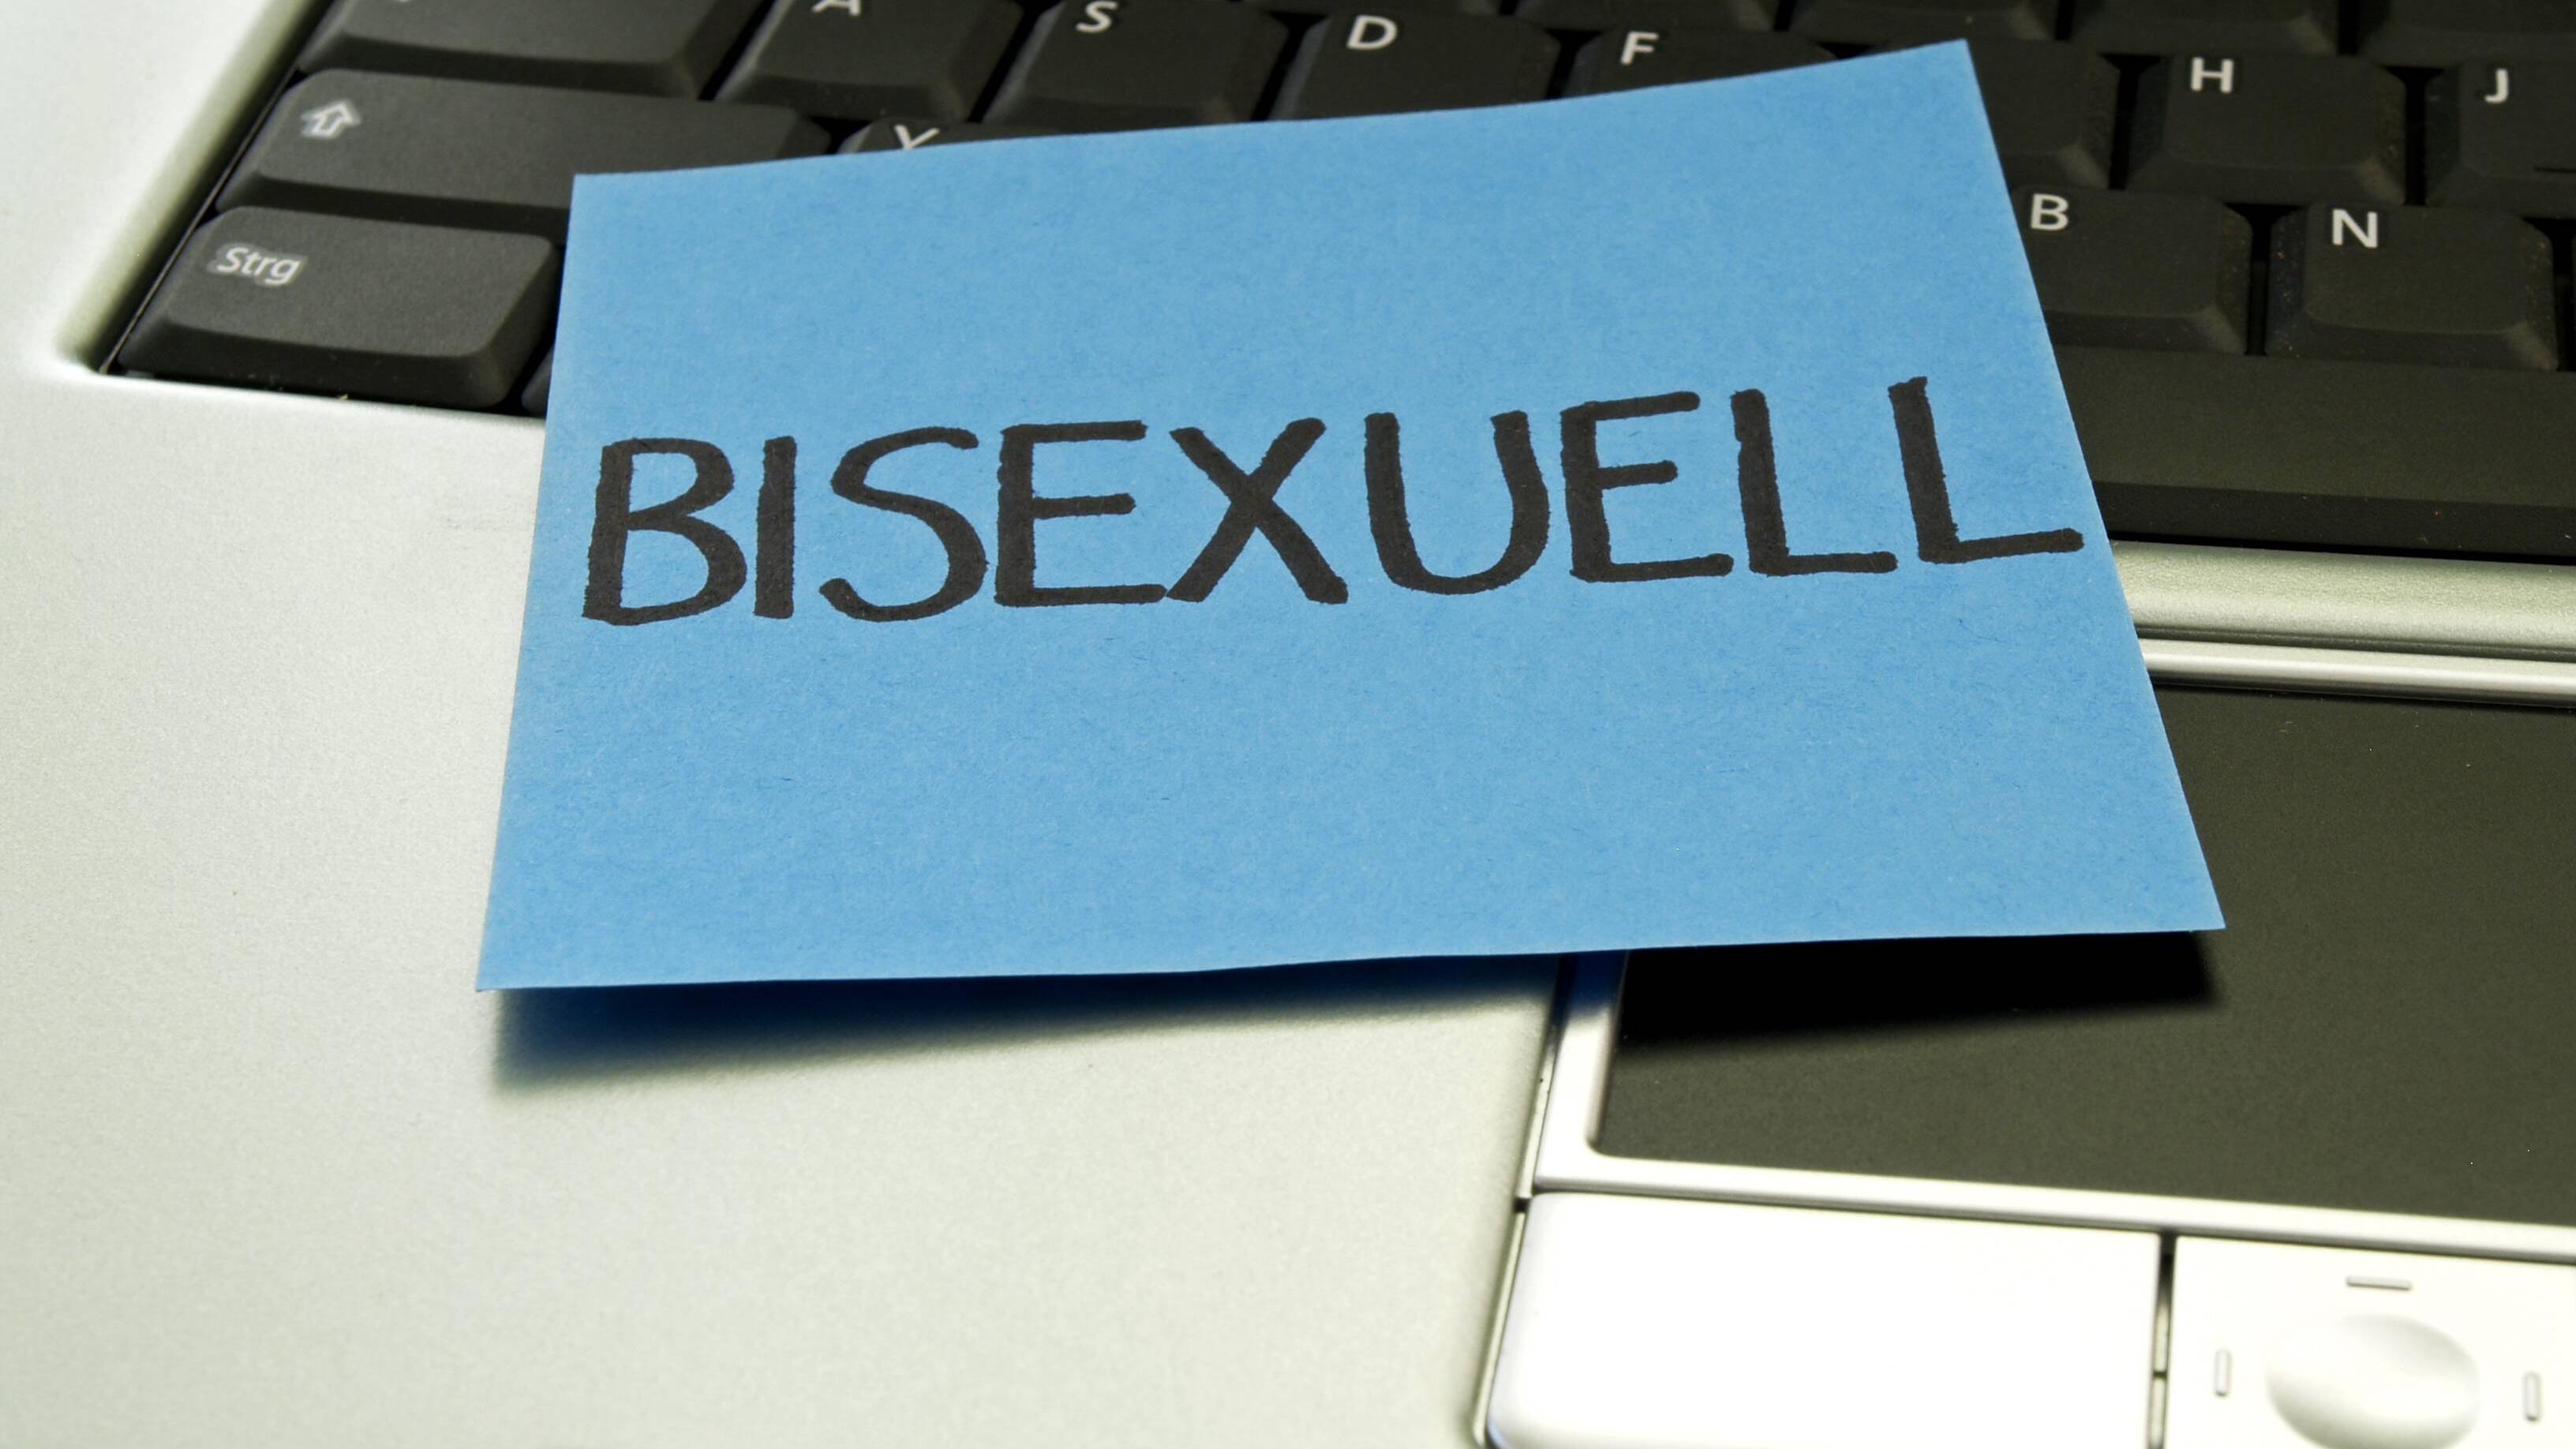 Bisexuell: Das ist die Bedeutung des Begriffs